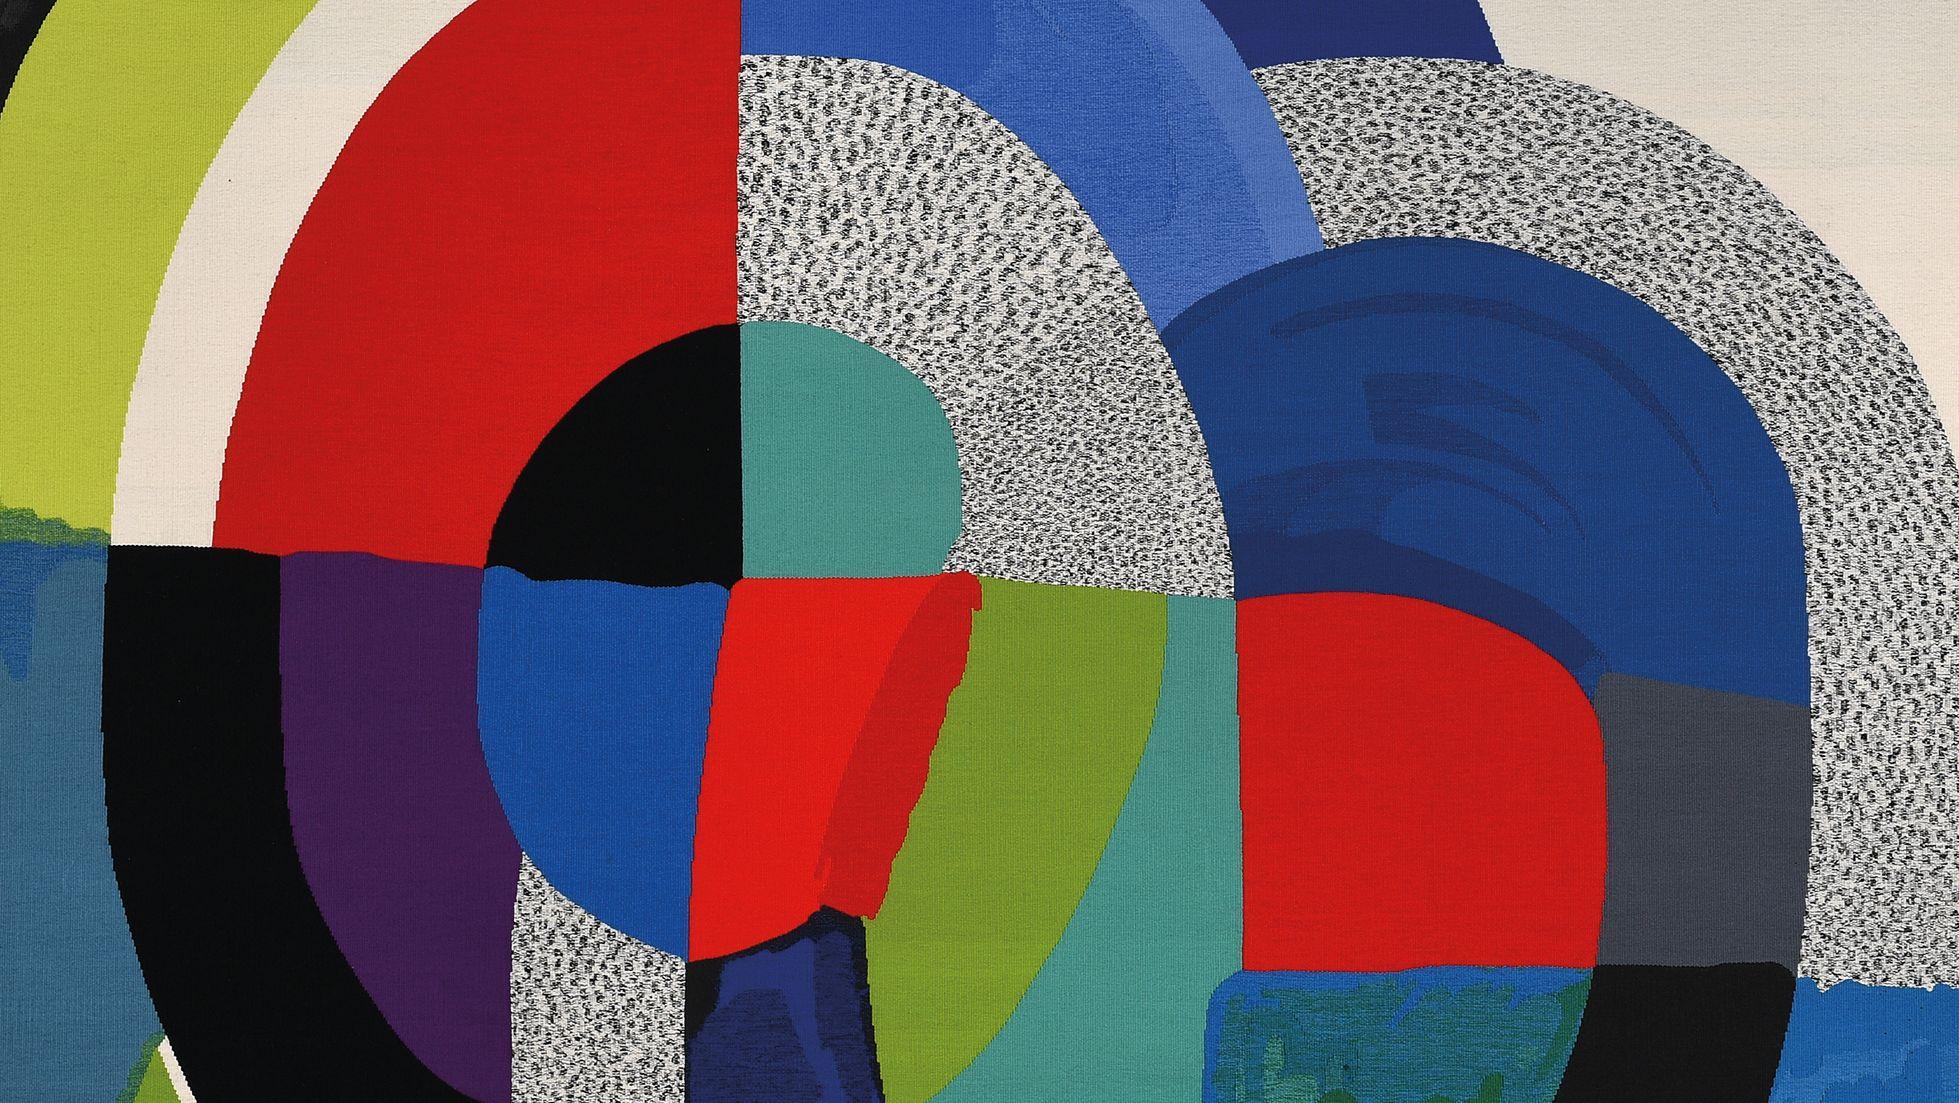 Abstrakter Wandteppich von Sonia Delaunay